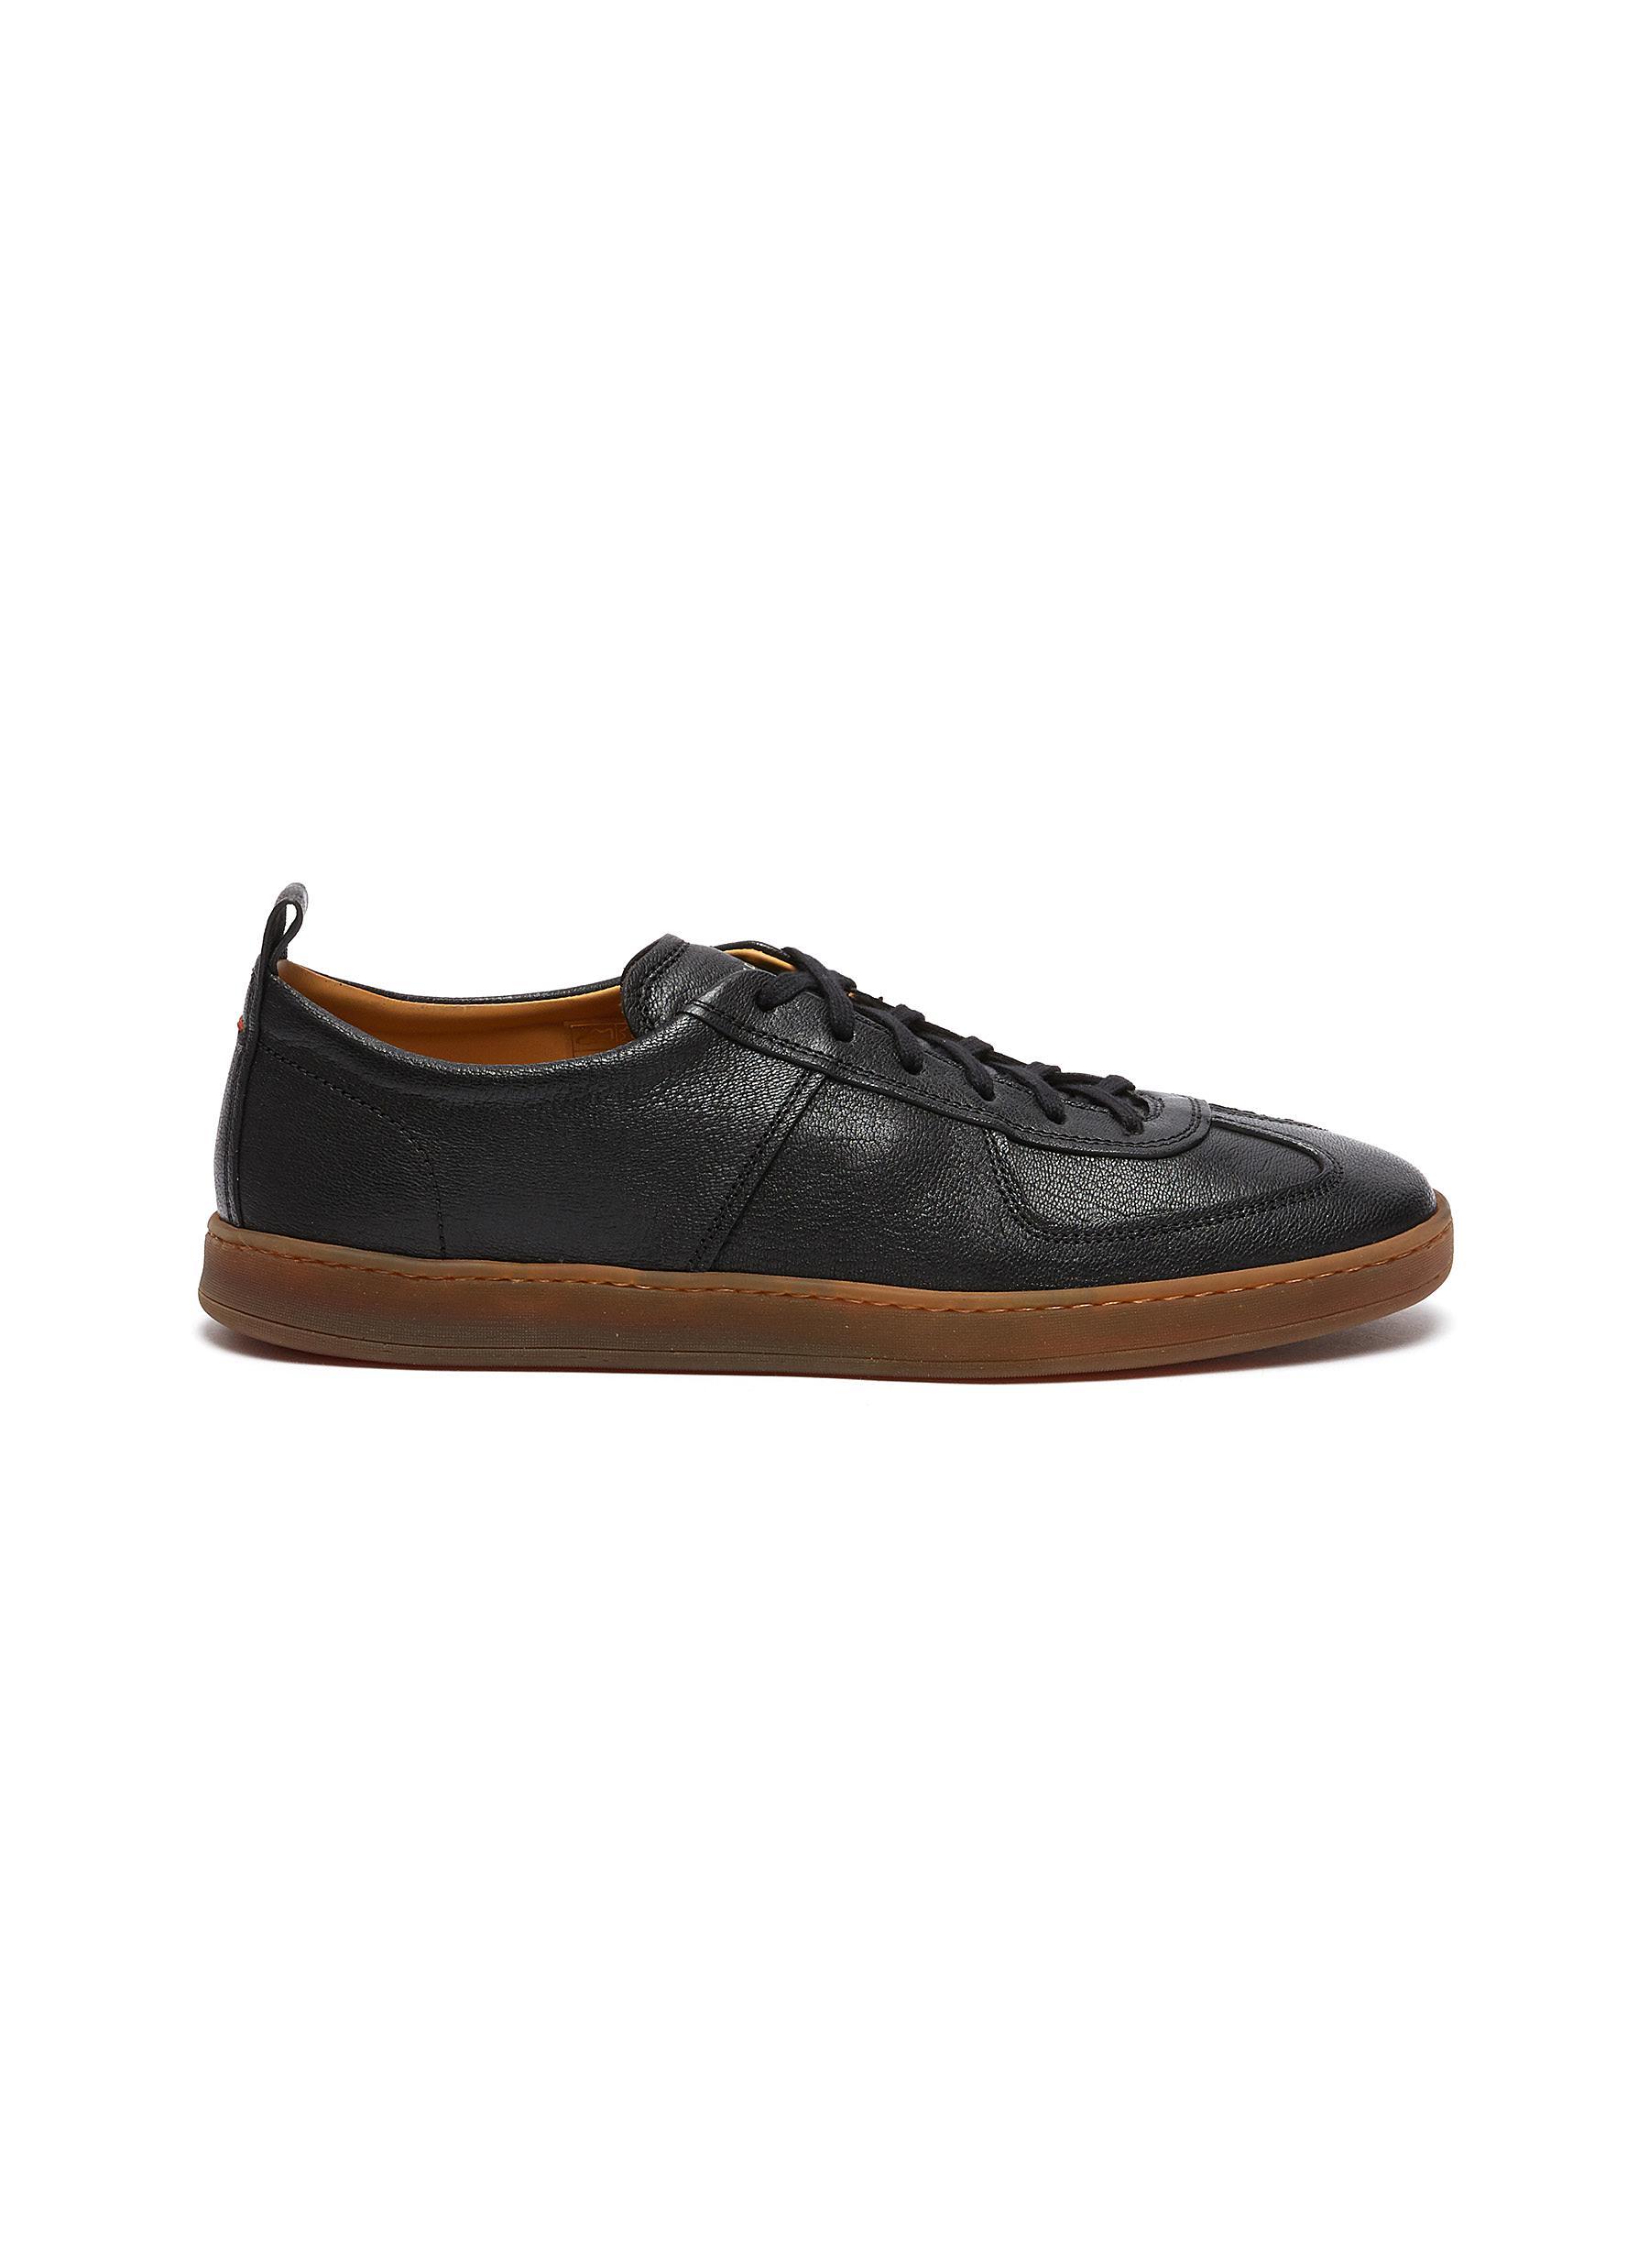 'Benoit' Deerskin Sneakers